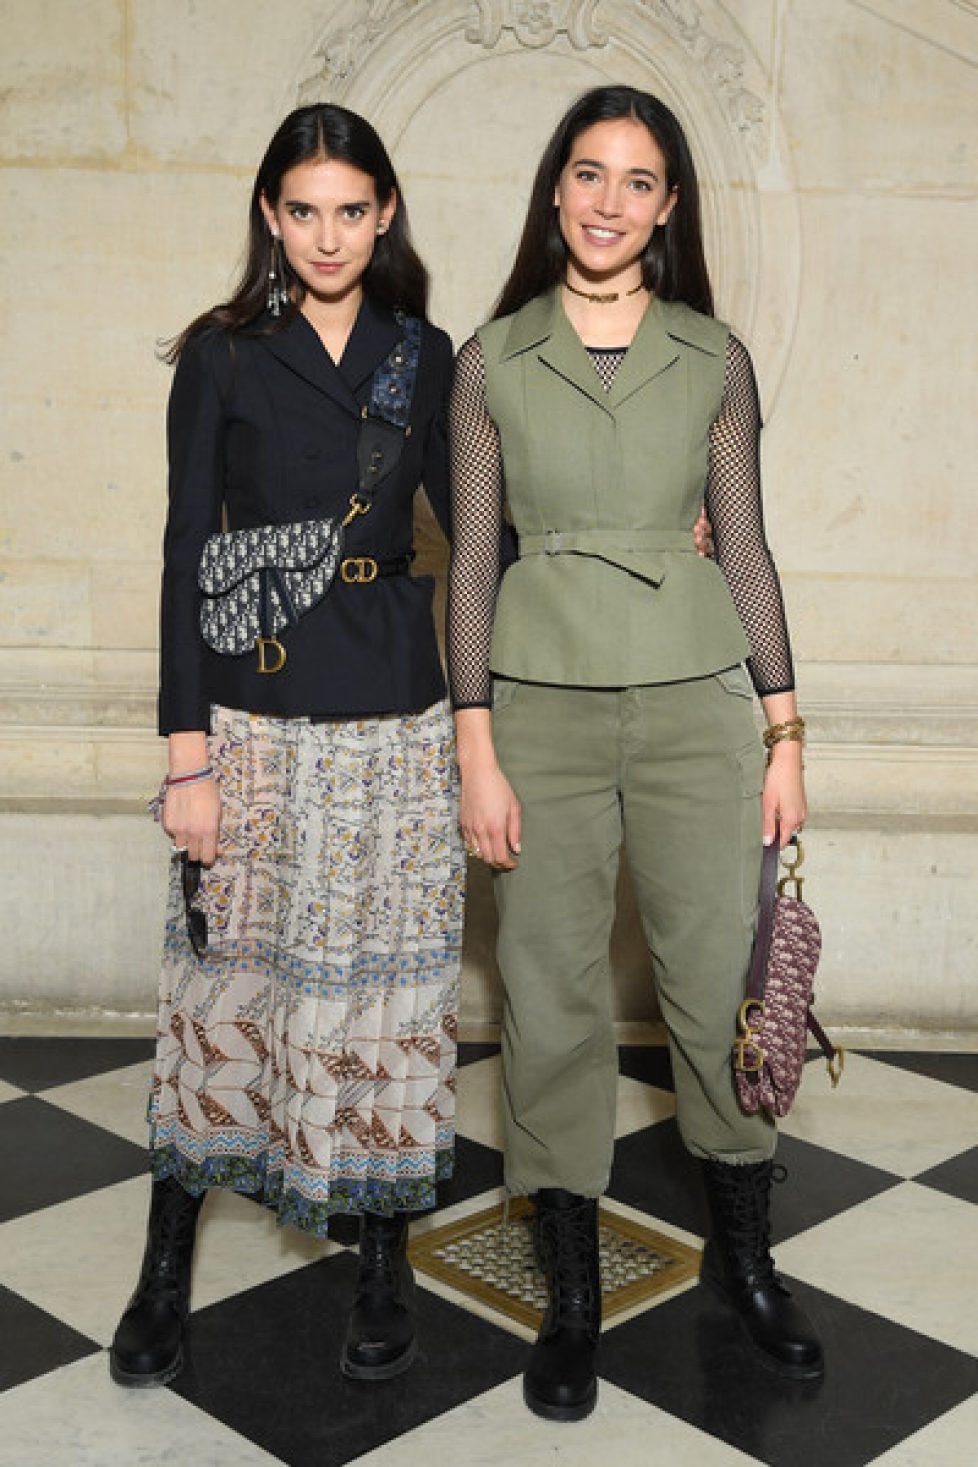 Christian+Dior+Photocall+Paris+Fashion+Week+z4lioxxWtEql